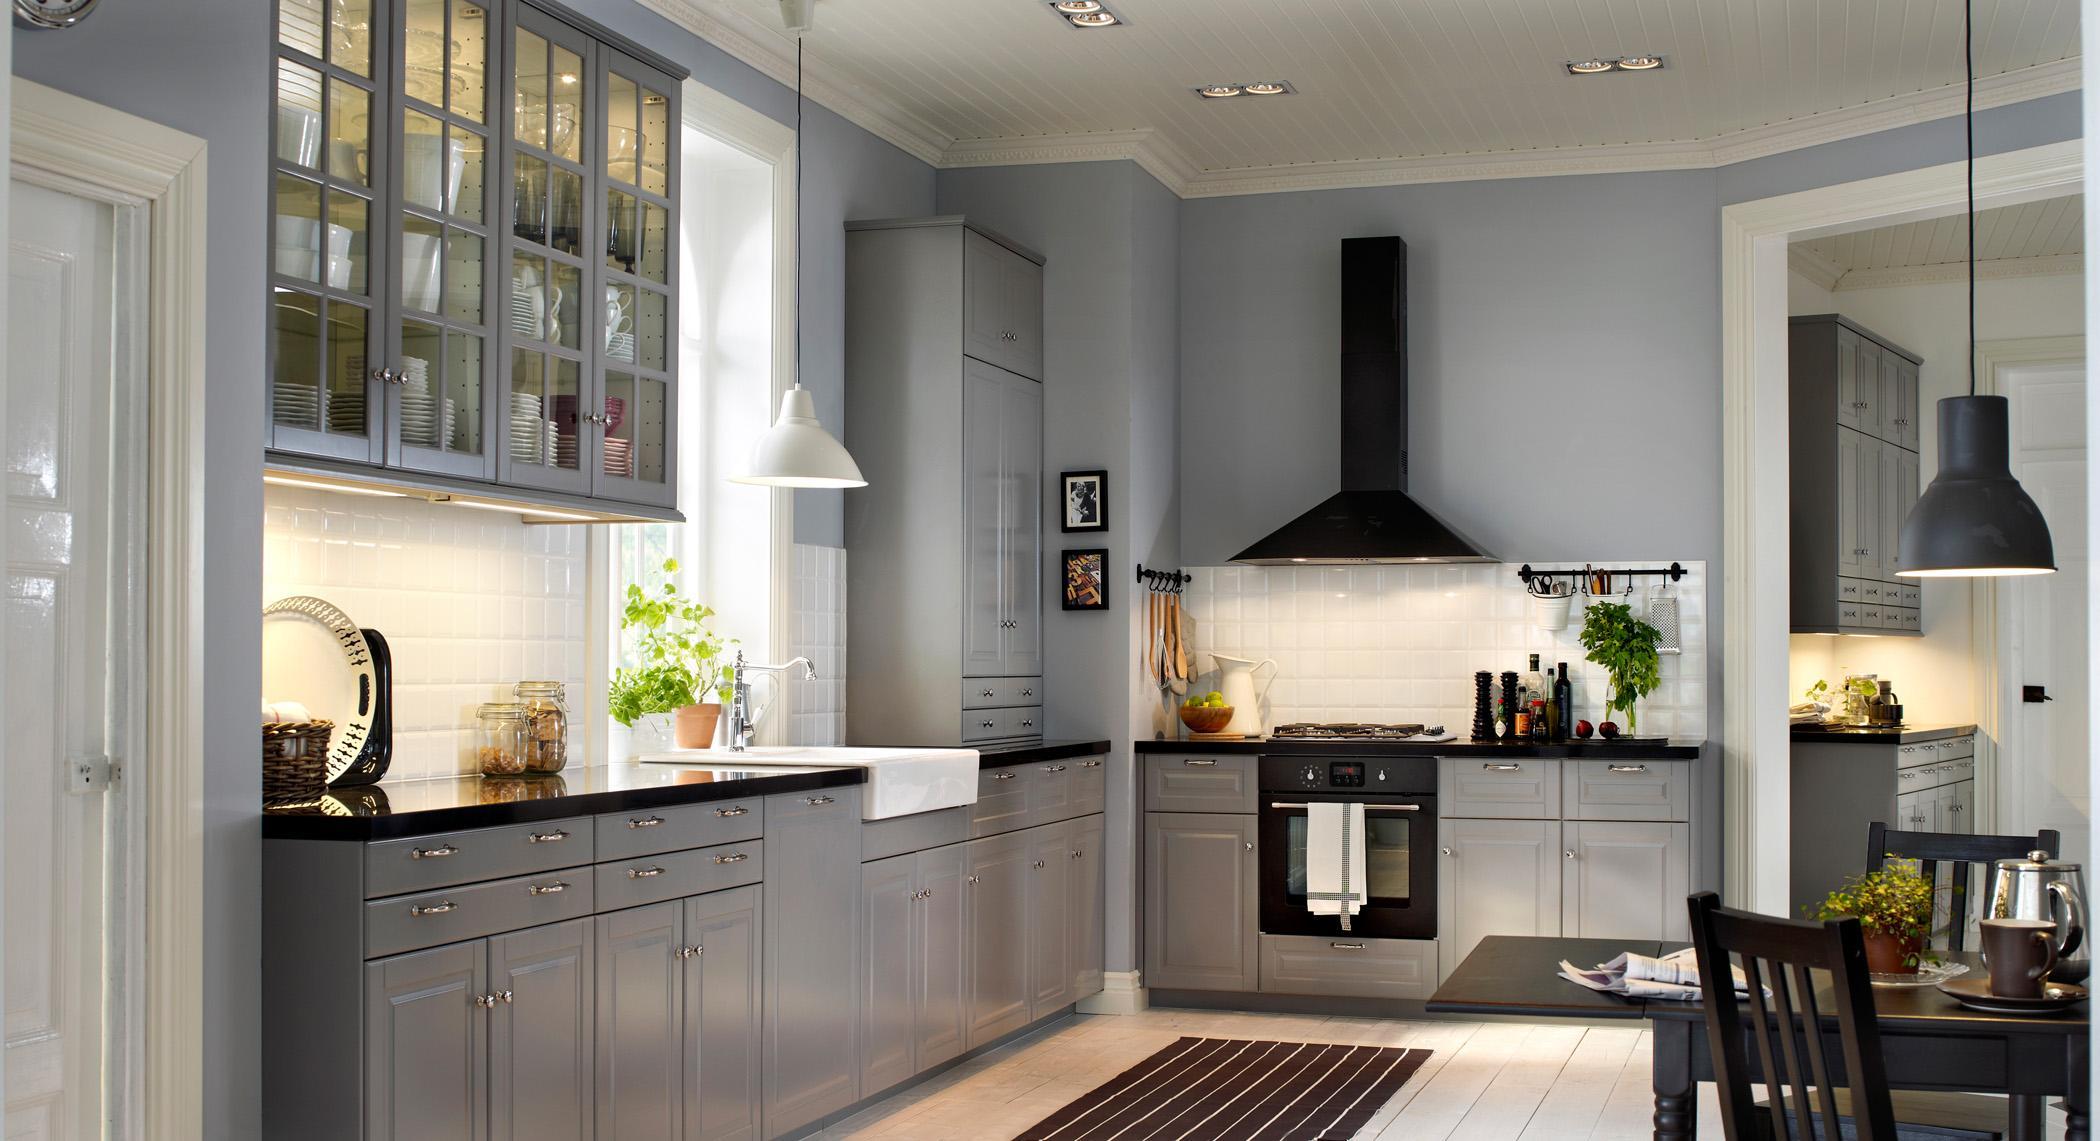 Beleuchtung In Der Küche #Teppich #Esstisch #Hängesc